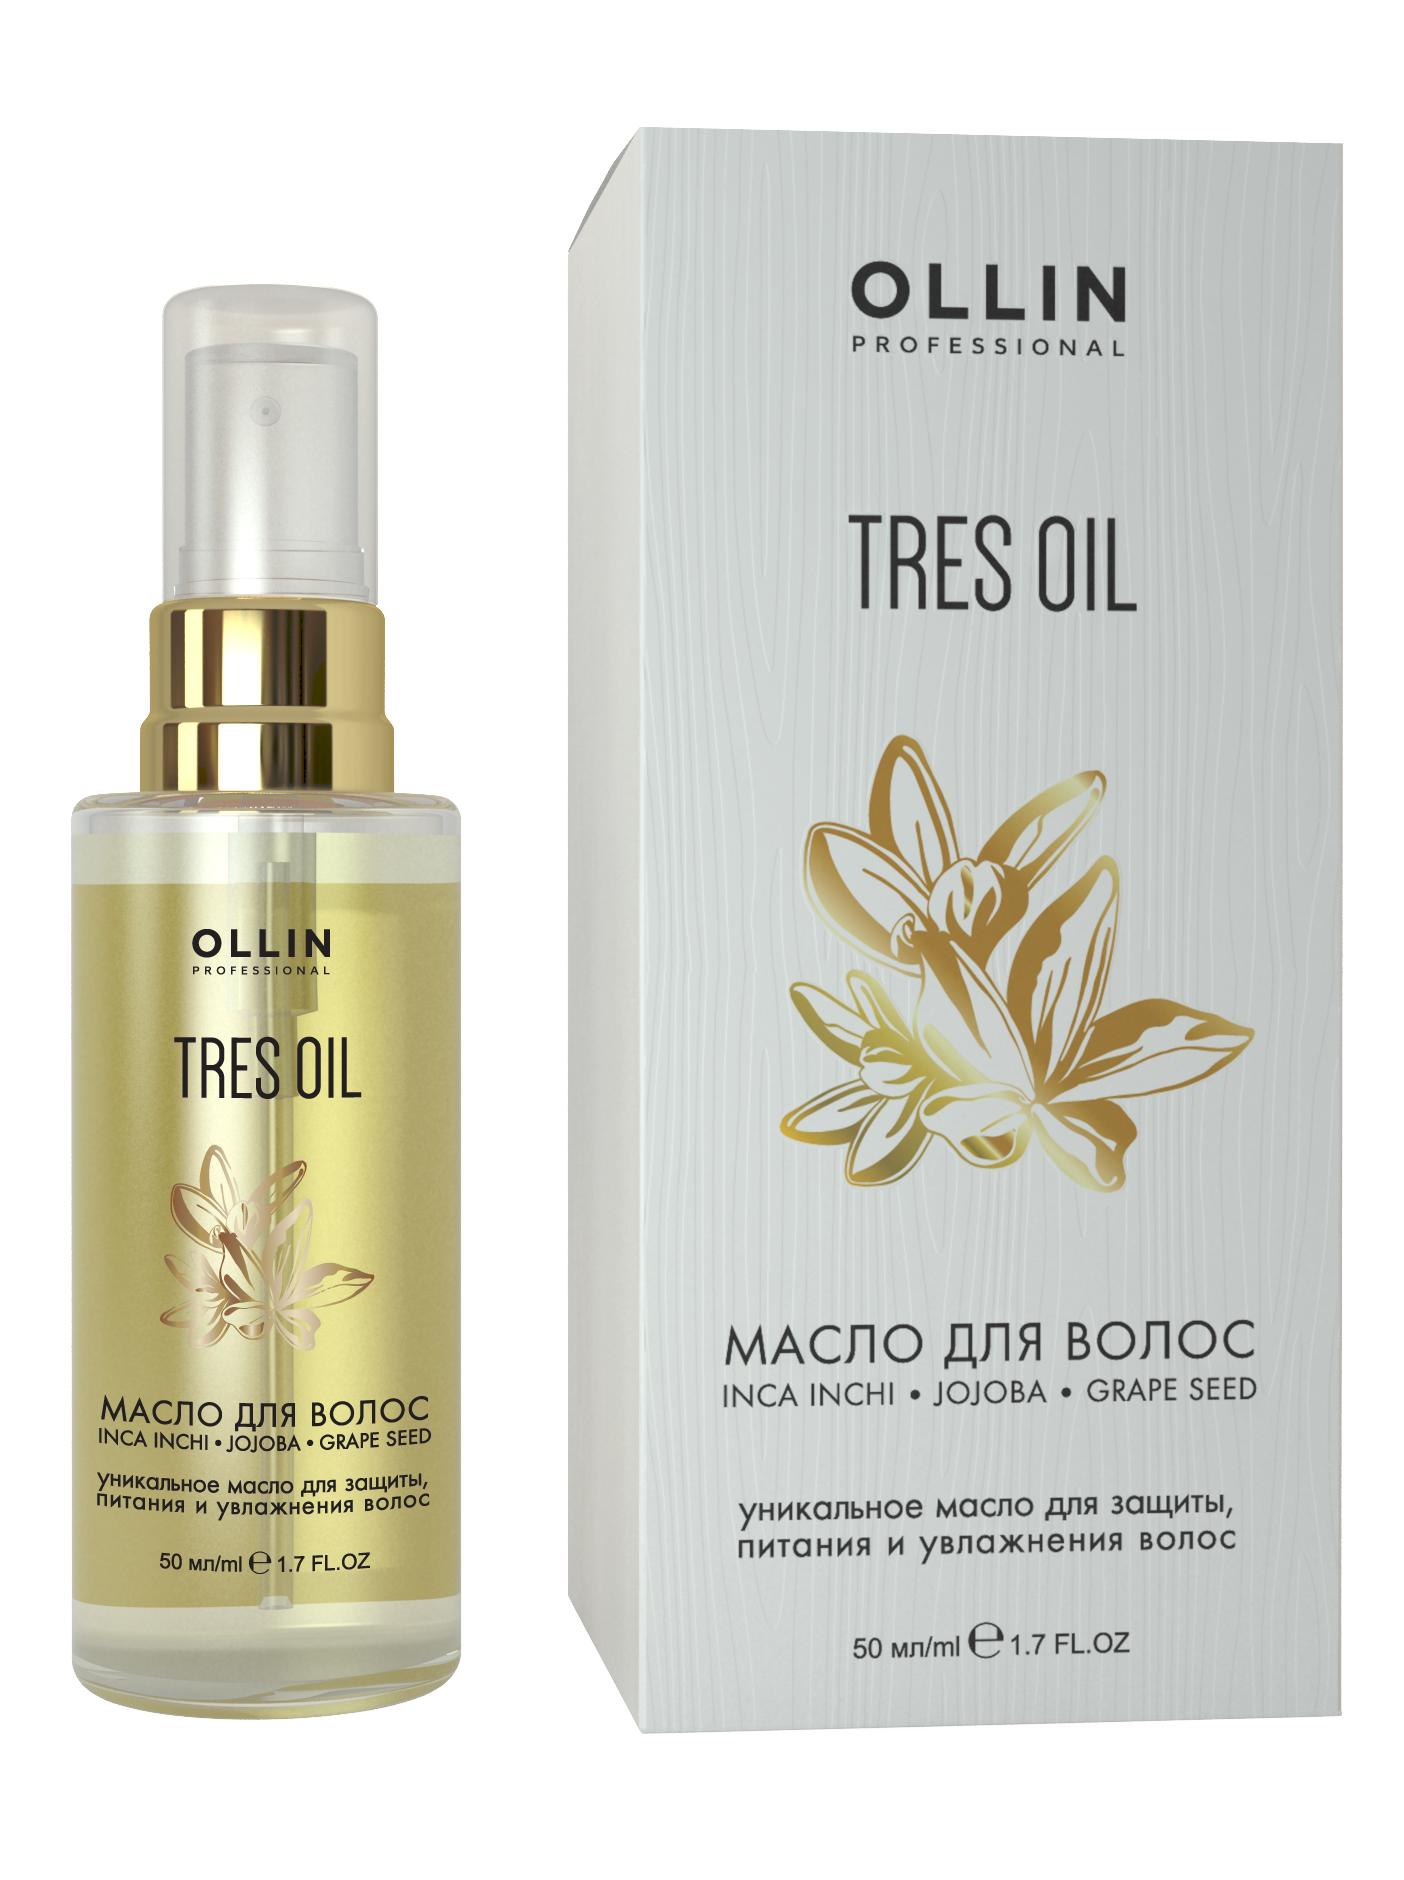 Фото Ollin Tres OИзраиль - Масло для защиты, питания и увлажнения волос 50 мл. Купить  в РФ